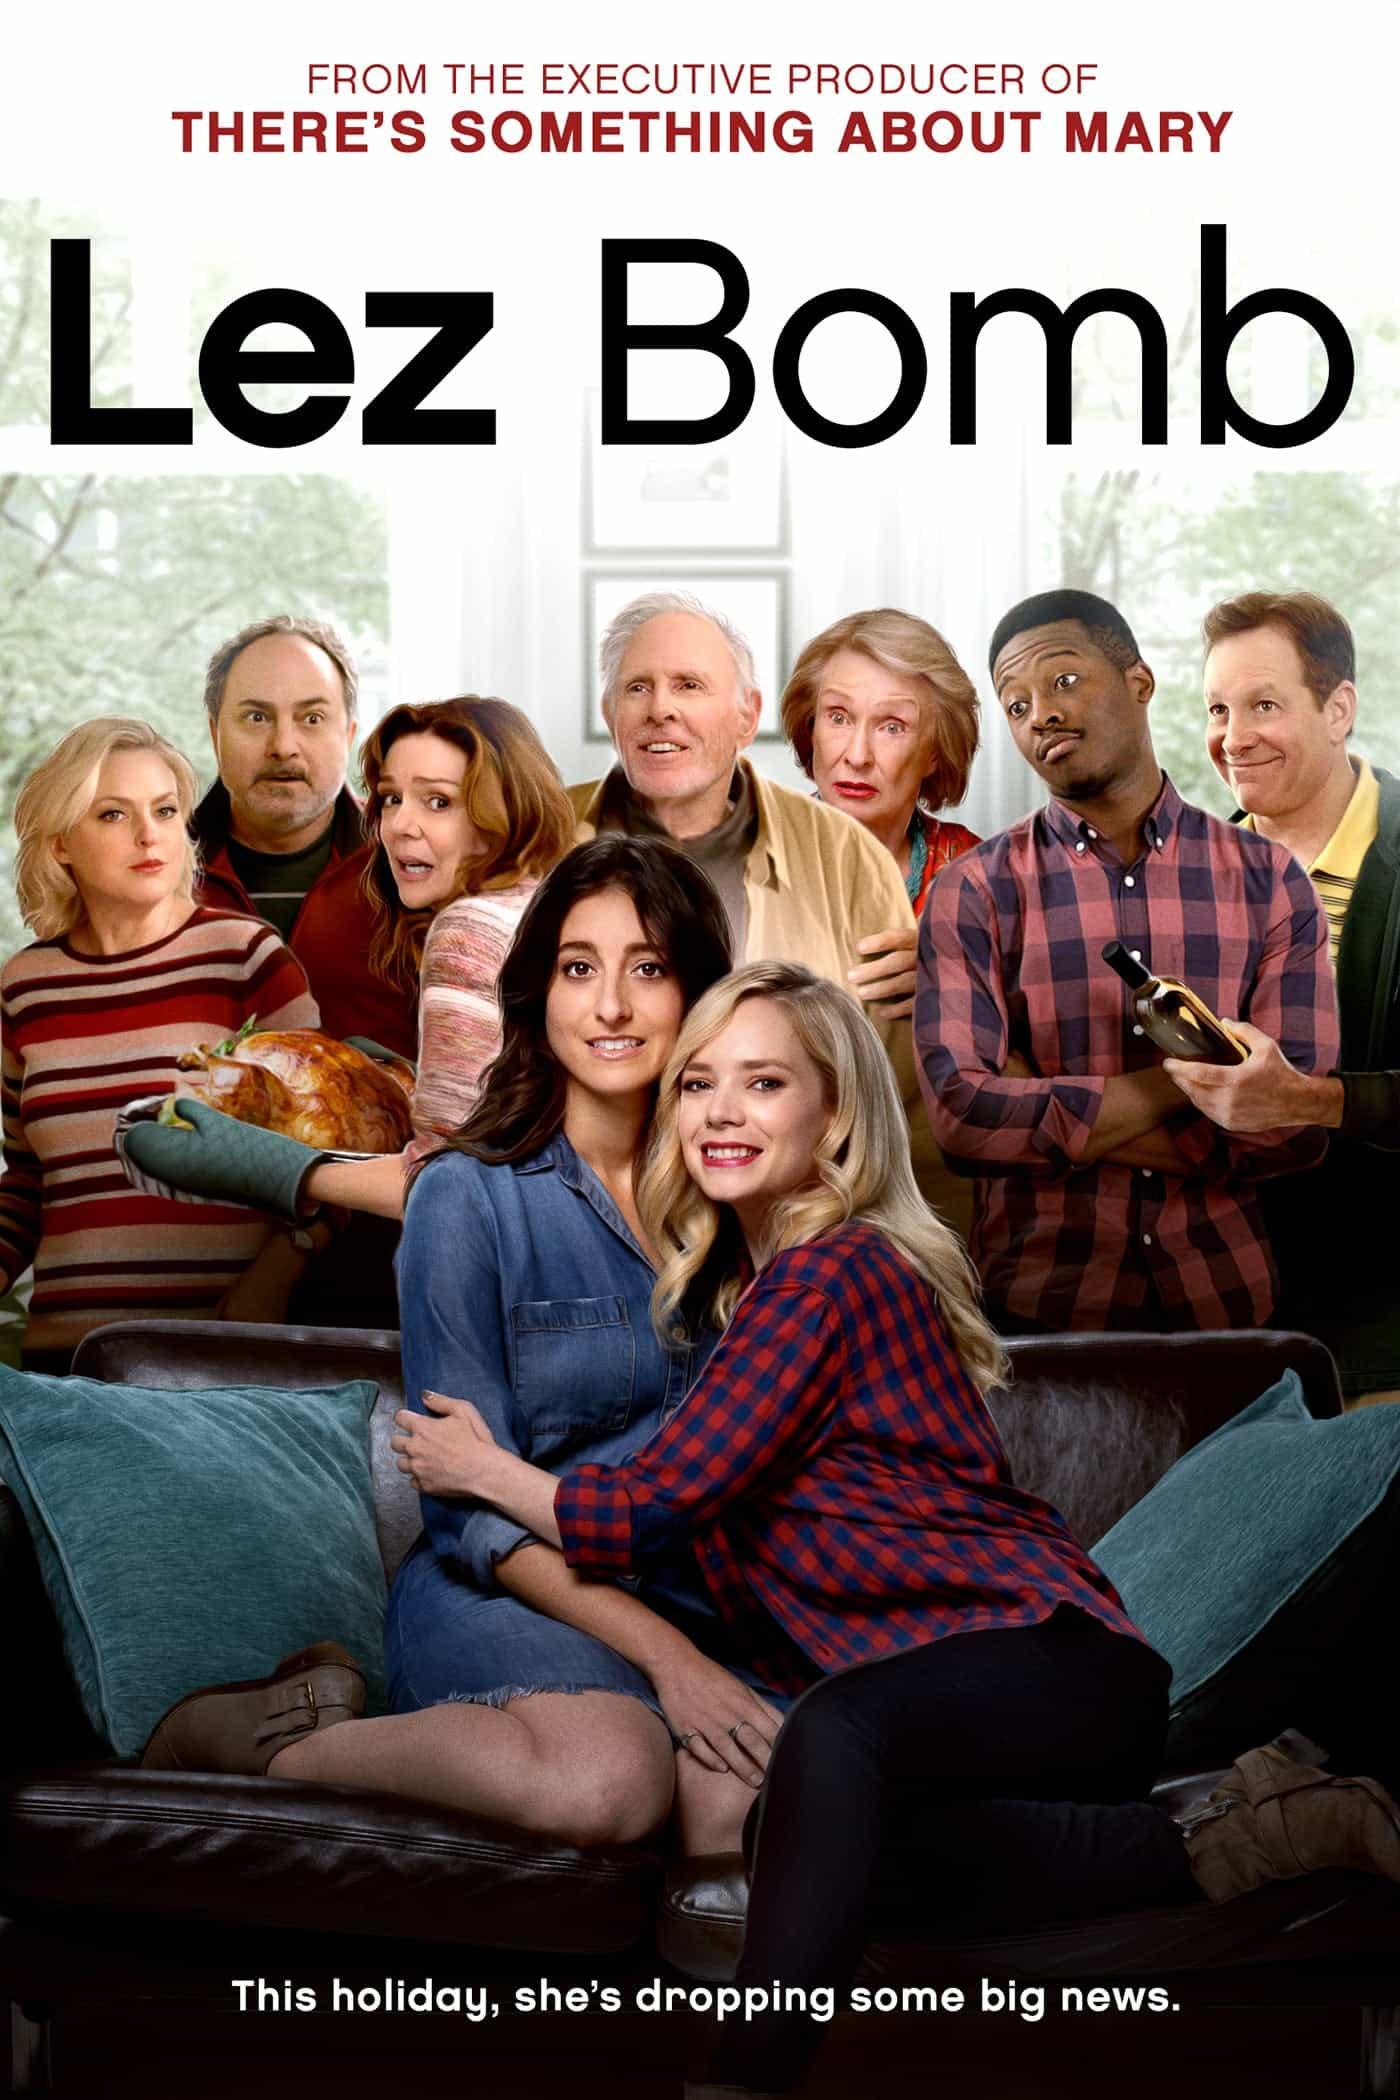 lez bomb pelicula lesbica 2 - 'Lez bomb' y la heterosexualidad por defecto